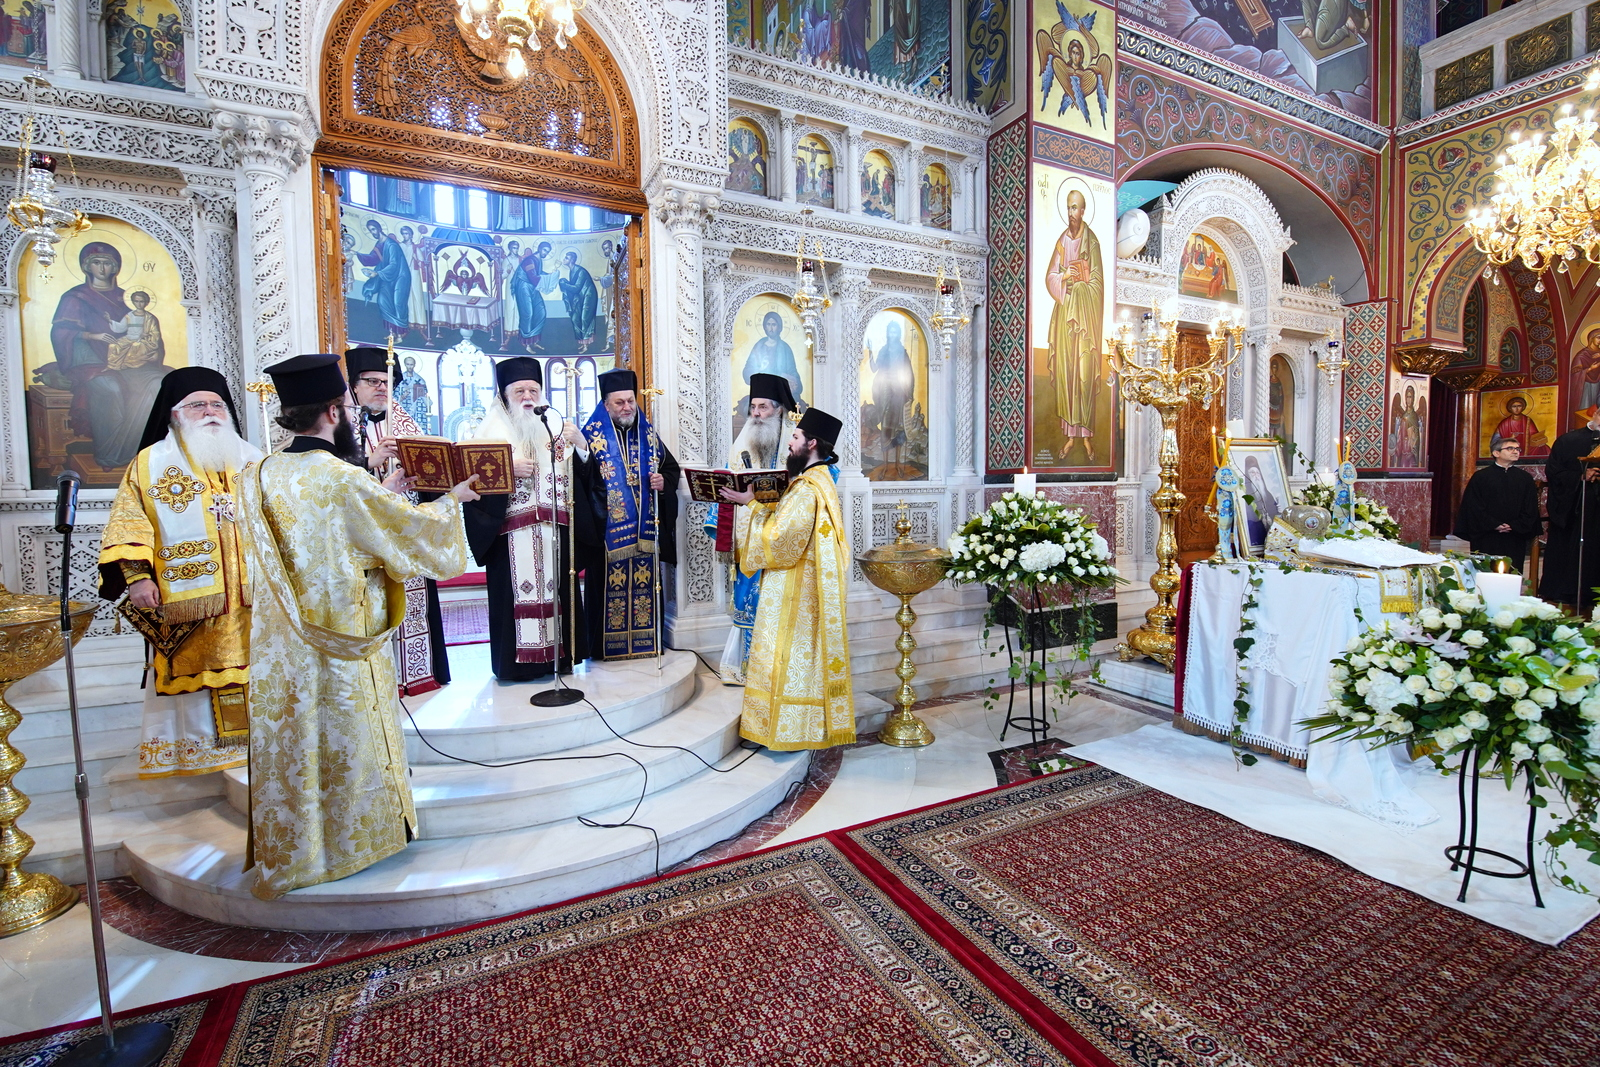 Τελέστηκε στον Καθεδρικό Ι.Ν.Αγ.Τριάδος Πειραιώς το ετήσιο μνημόσυνο του μακαριστού Μητρ. πρ.Πειραιώς κυρού Καλλινίκου.